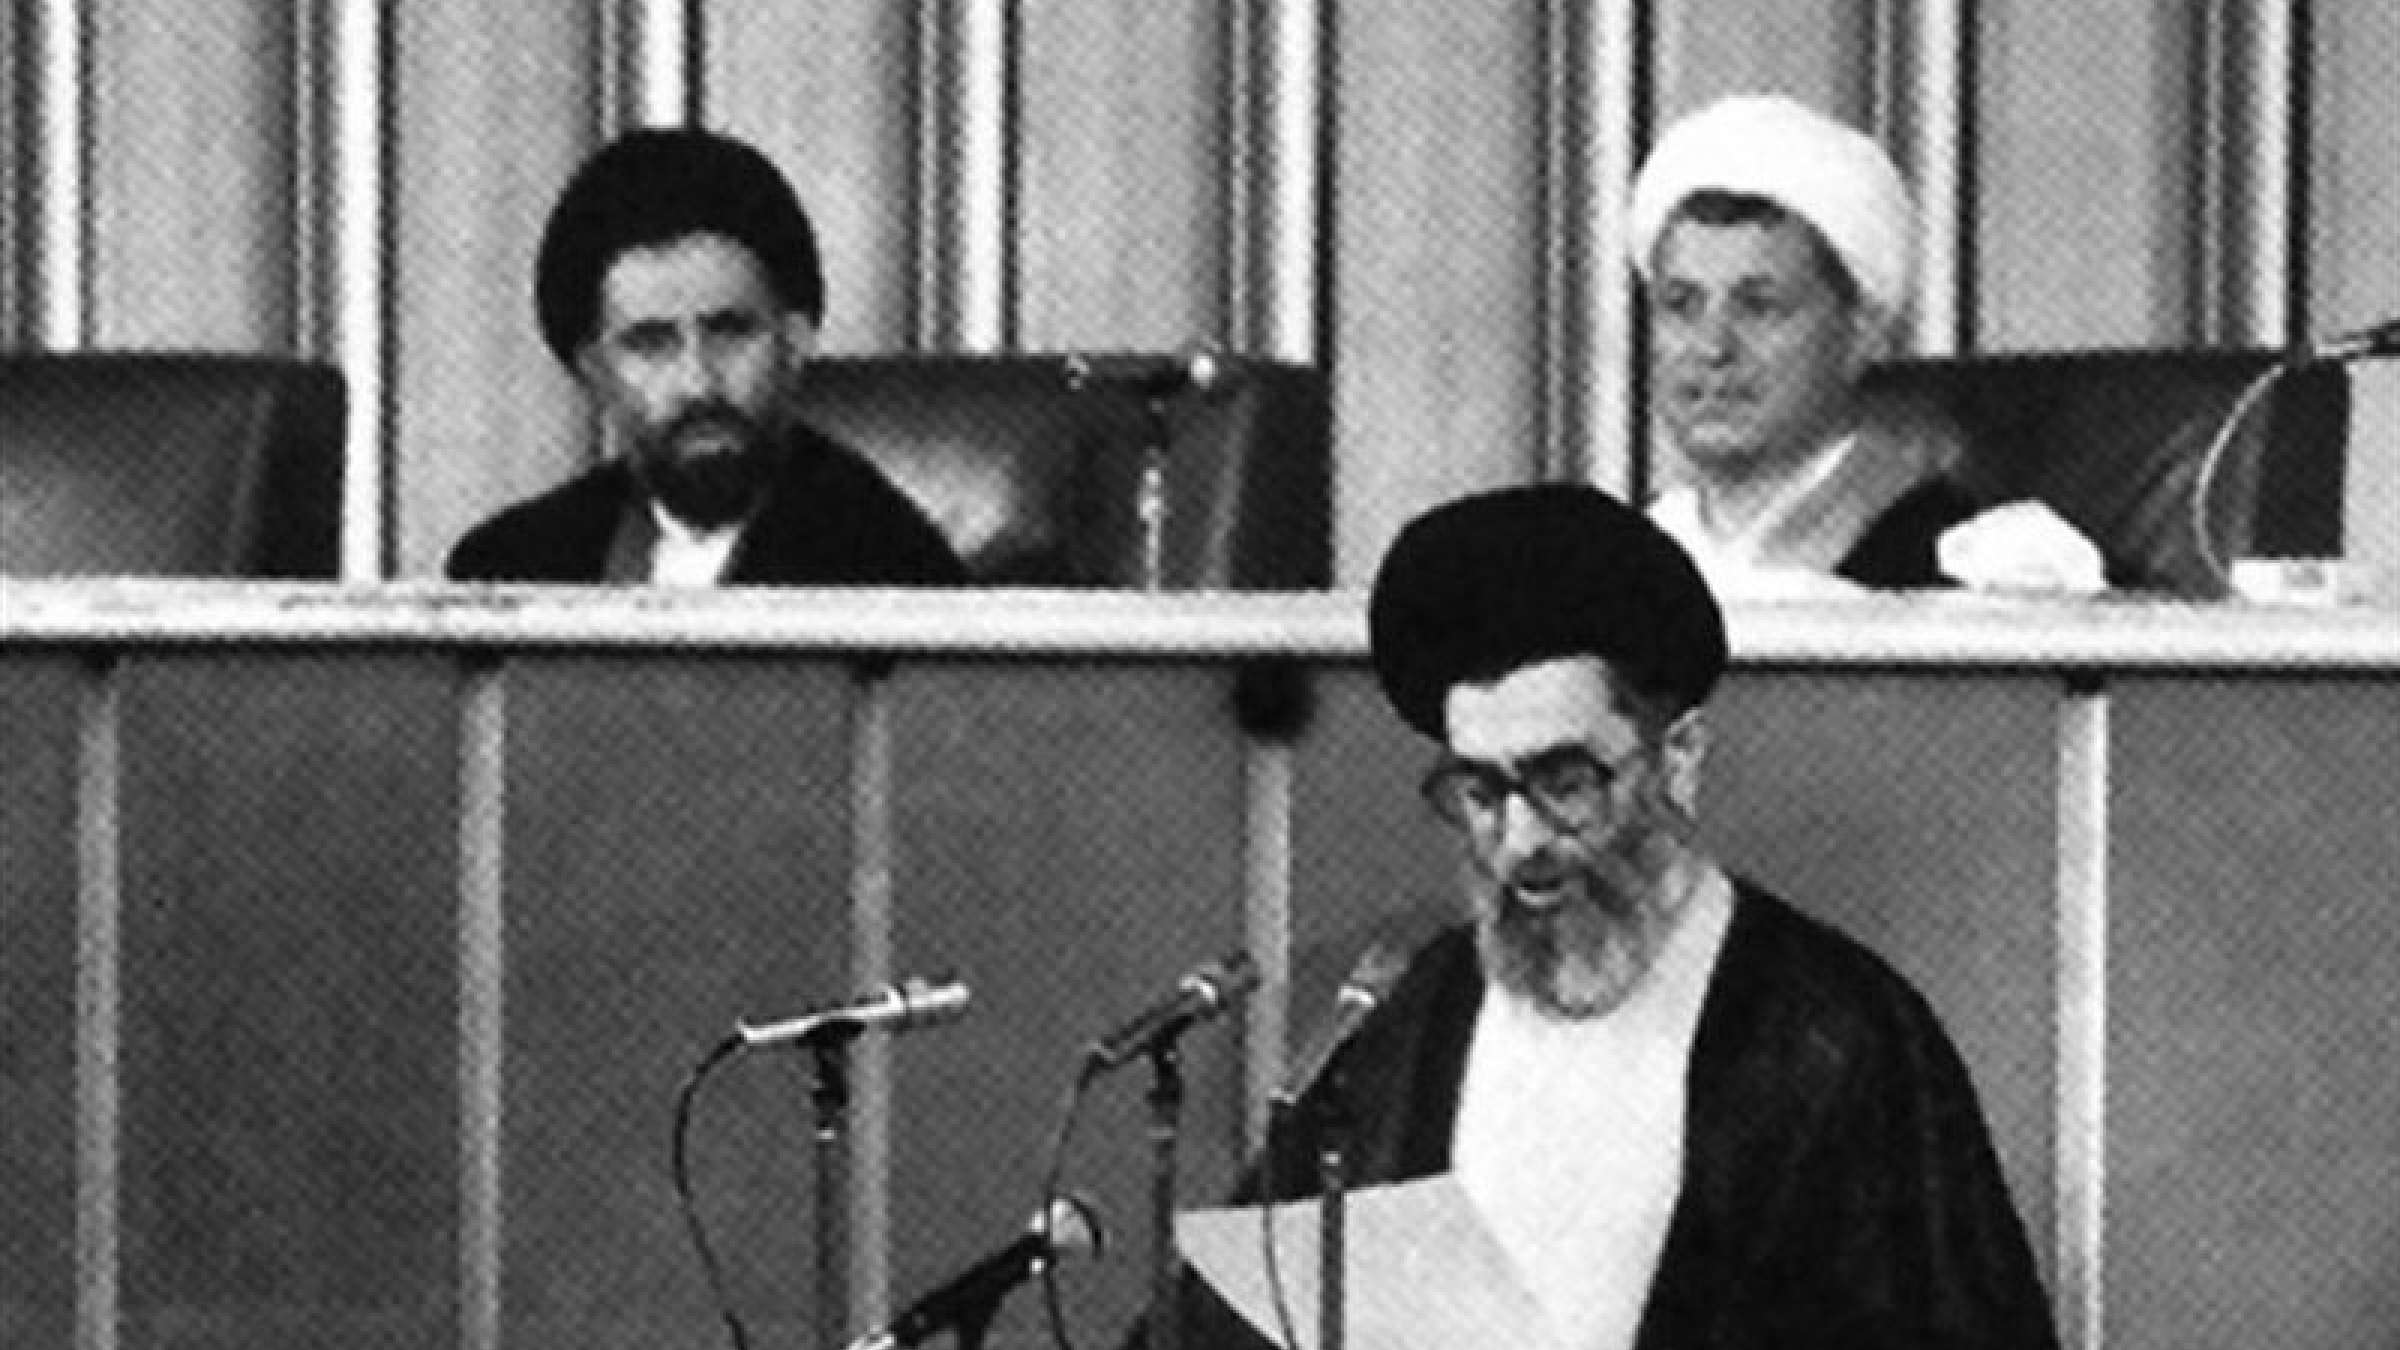 کمرنگ-کردن-نقش-رفسنجانی-در-انتخاب-خامنه ای-به-عنوان-رهبر-جمهوری-اسلامی